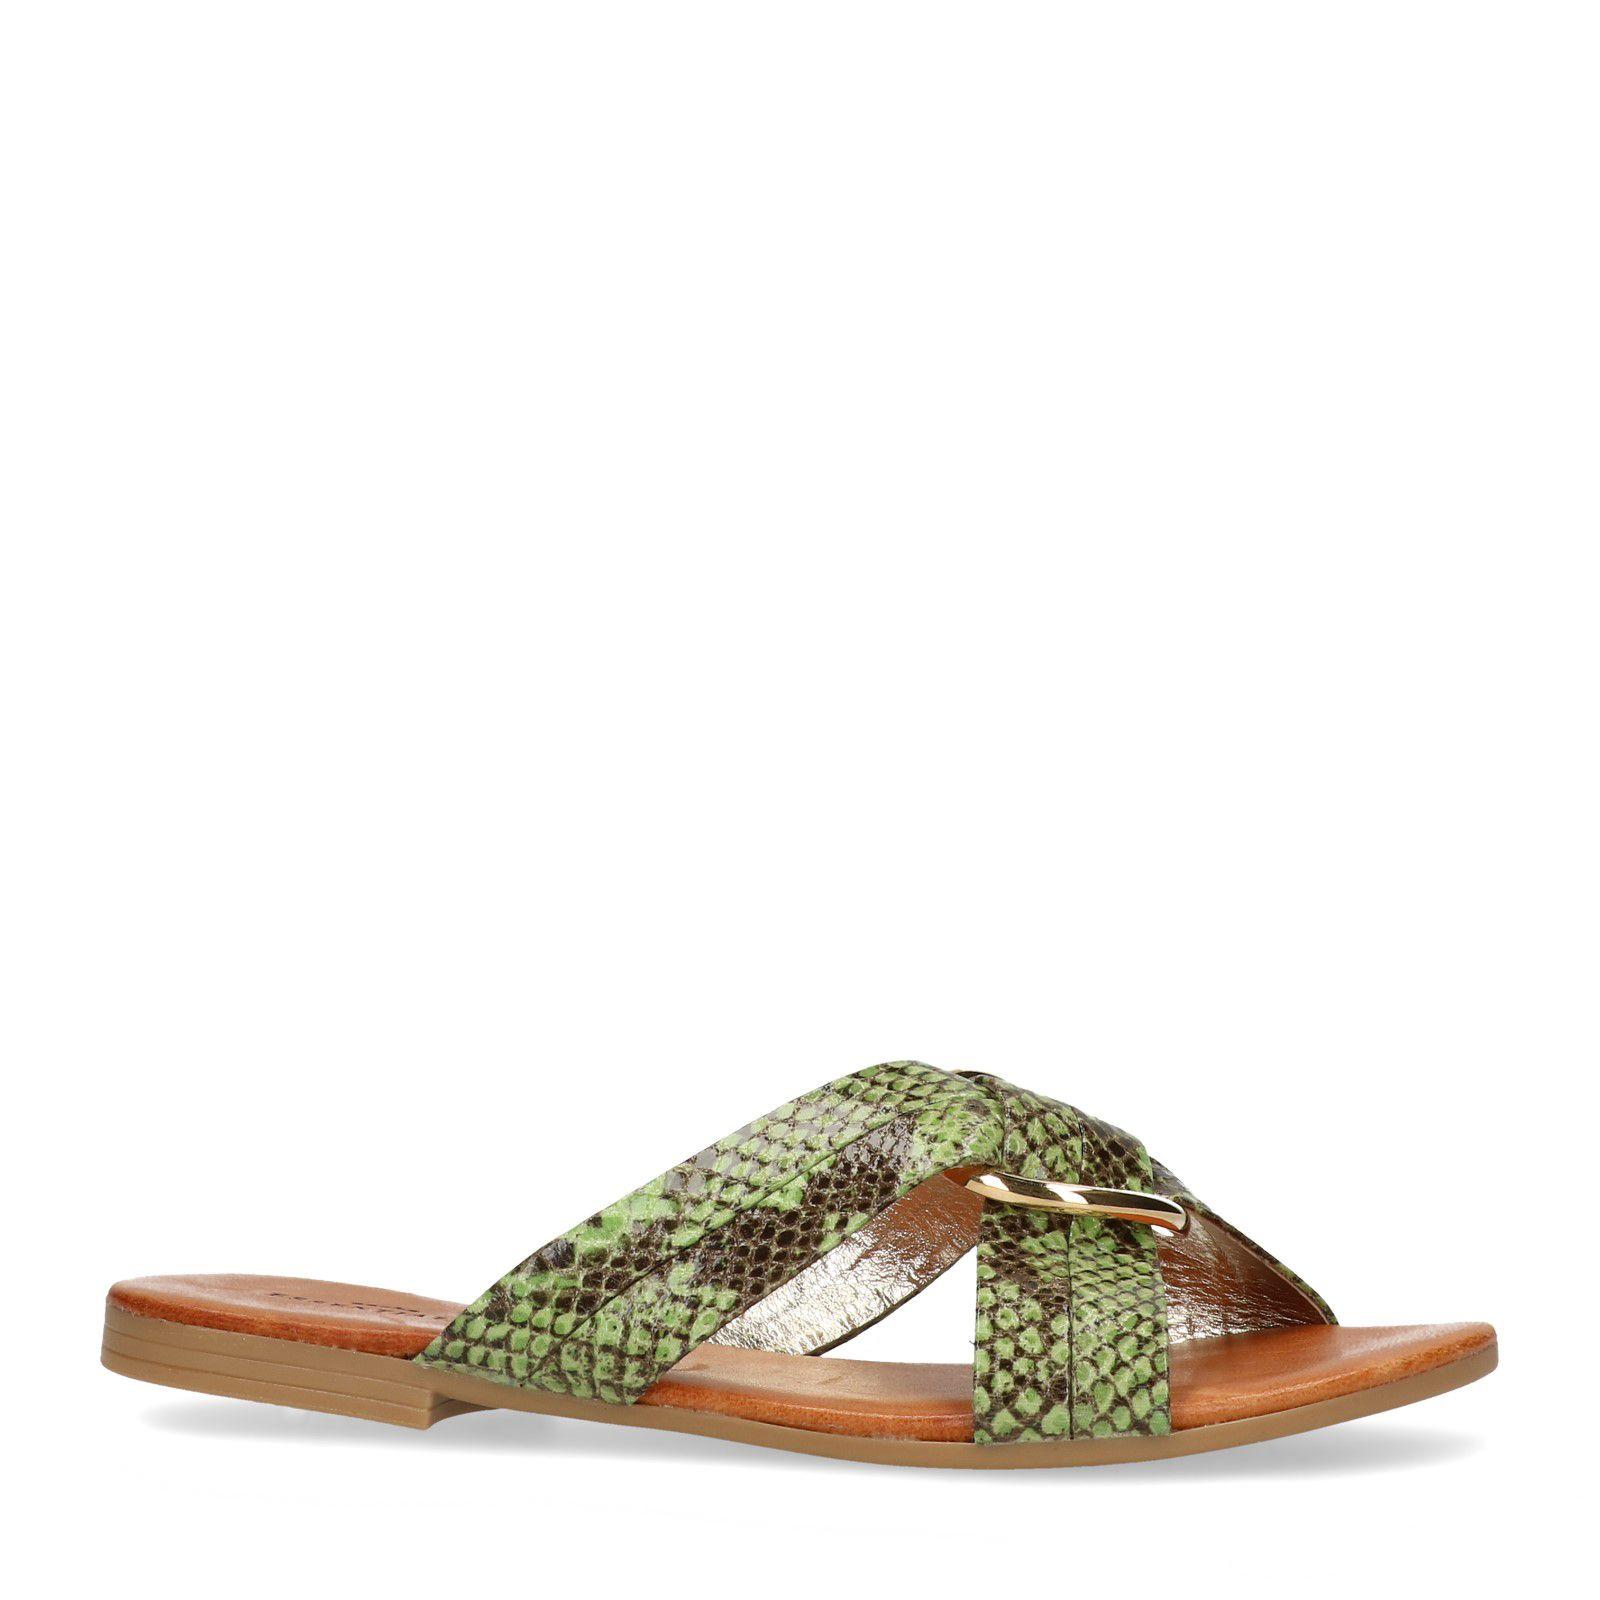 Sacha Grüne Sandalen mit Schlangenmuster